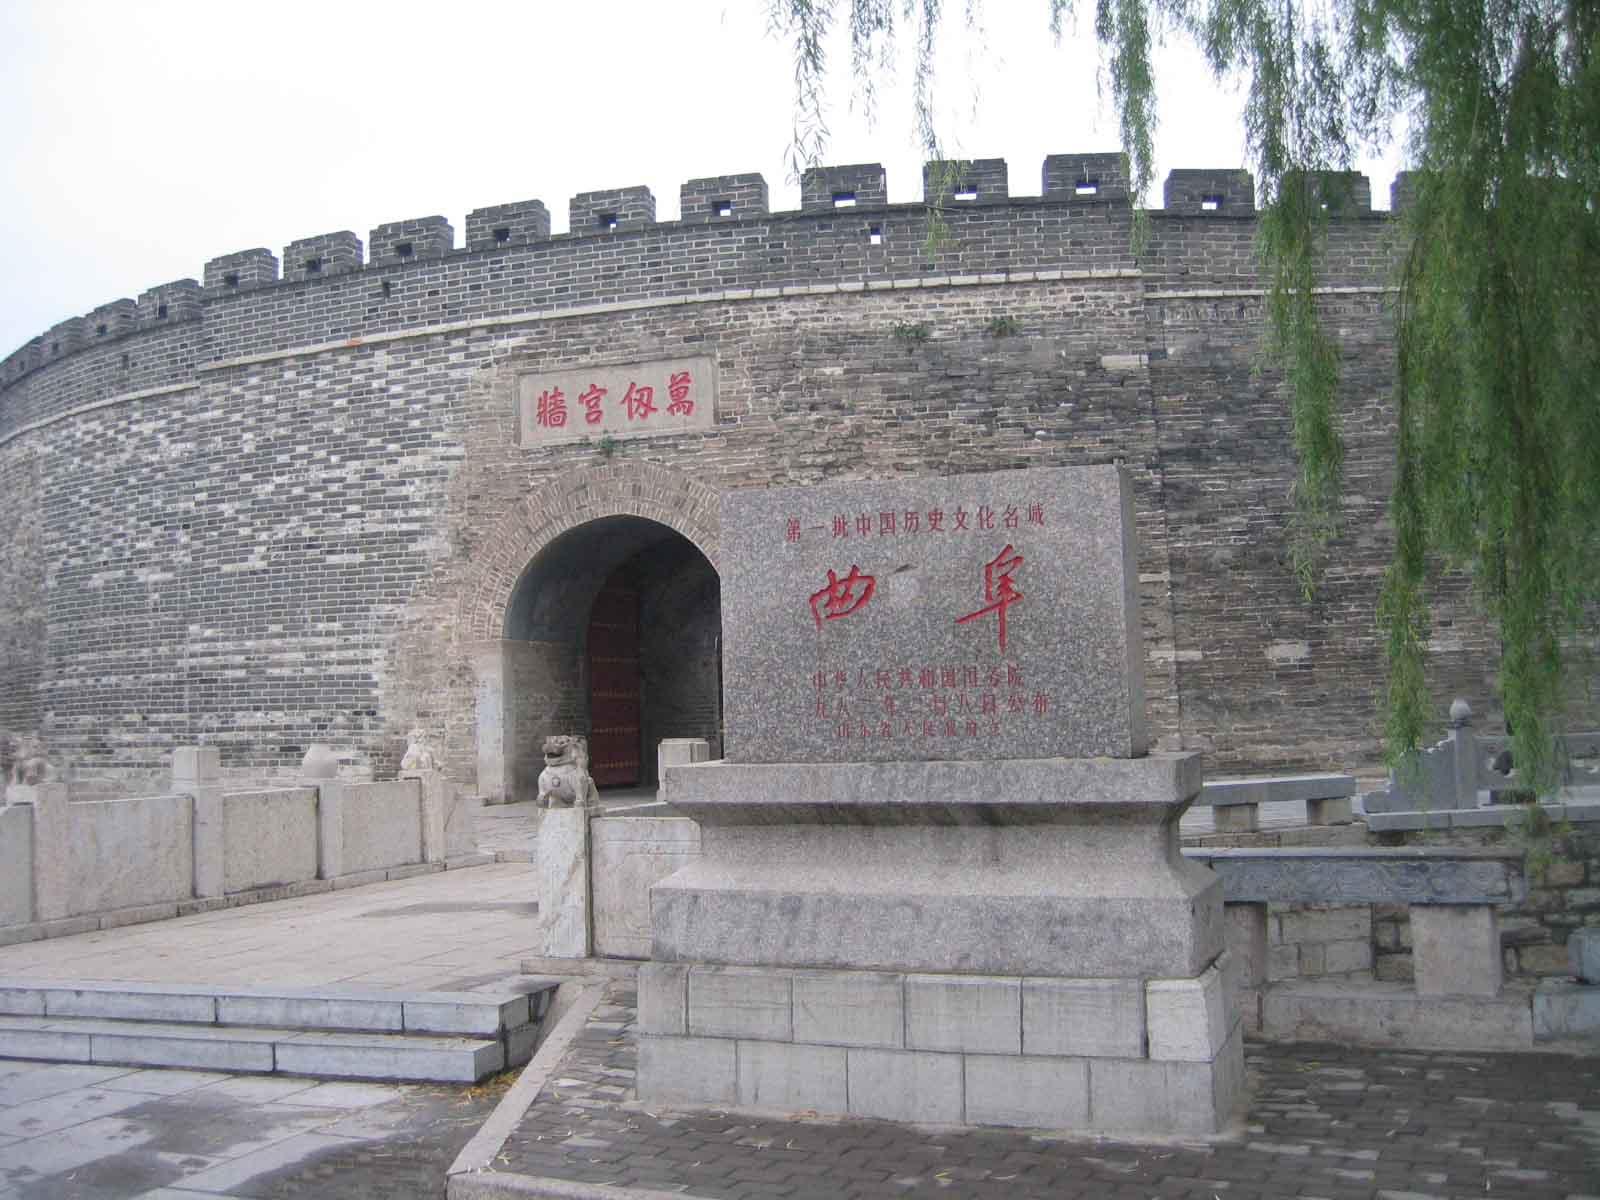 北京到曲阜,泰山,济南自驾游(上)